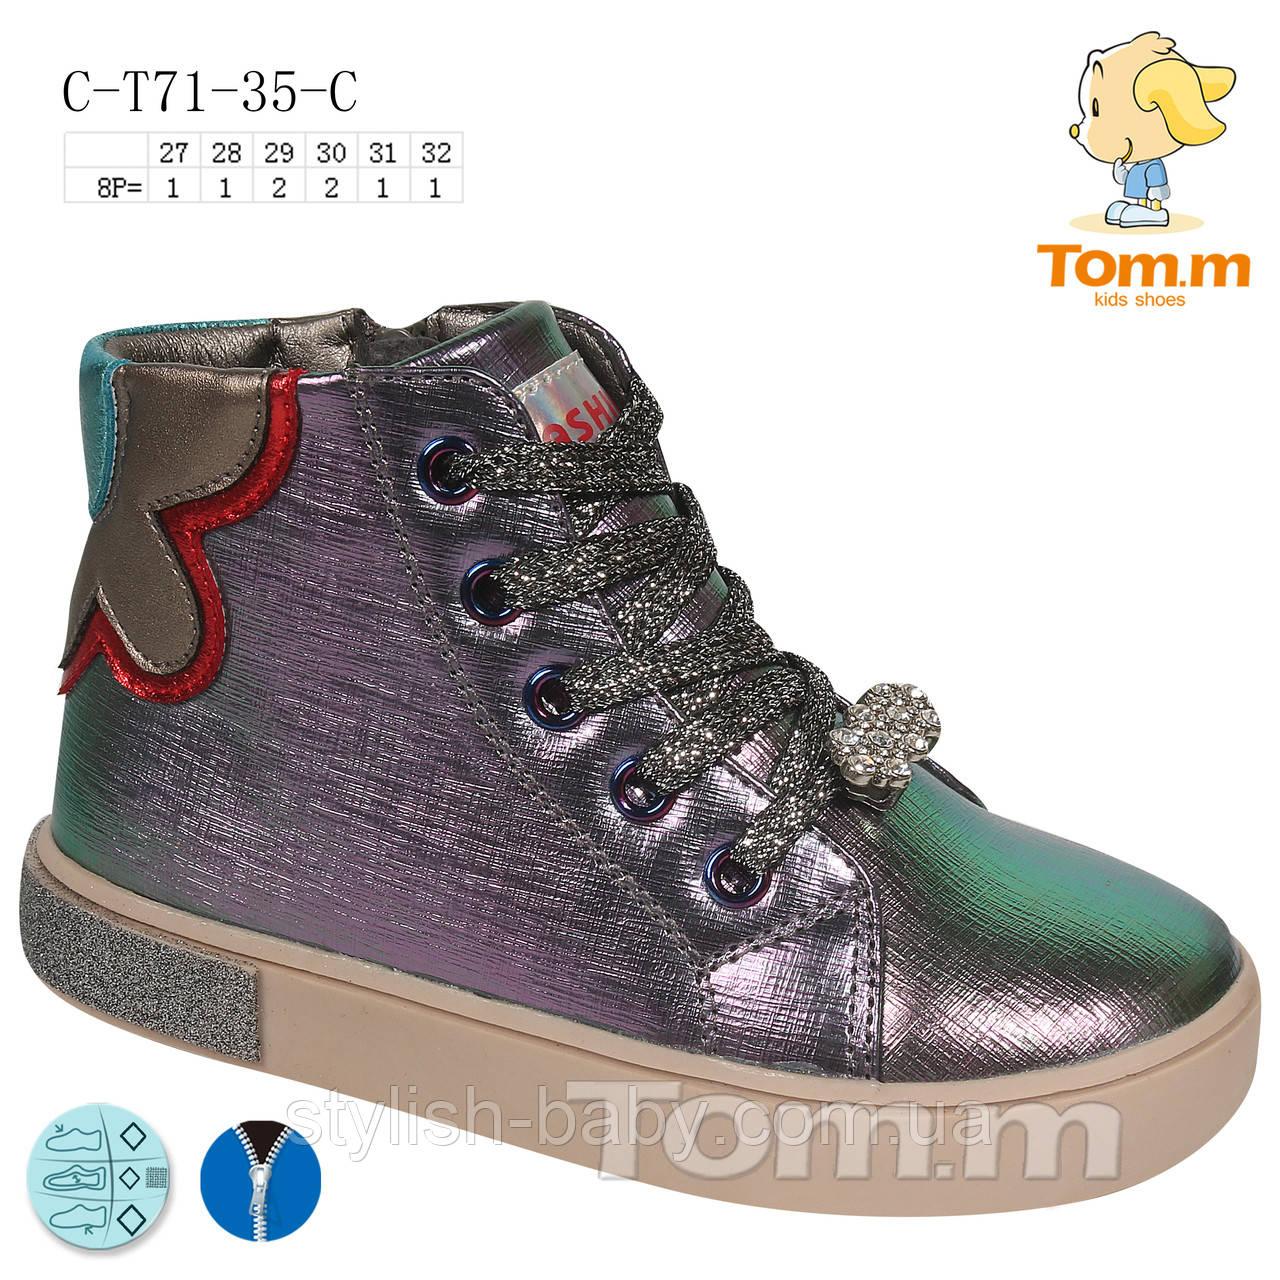 Детская обувь 2020 оптом. Детская демисезонная обувь бренда Tom.m для девочек (рр. с 27 по 32)